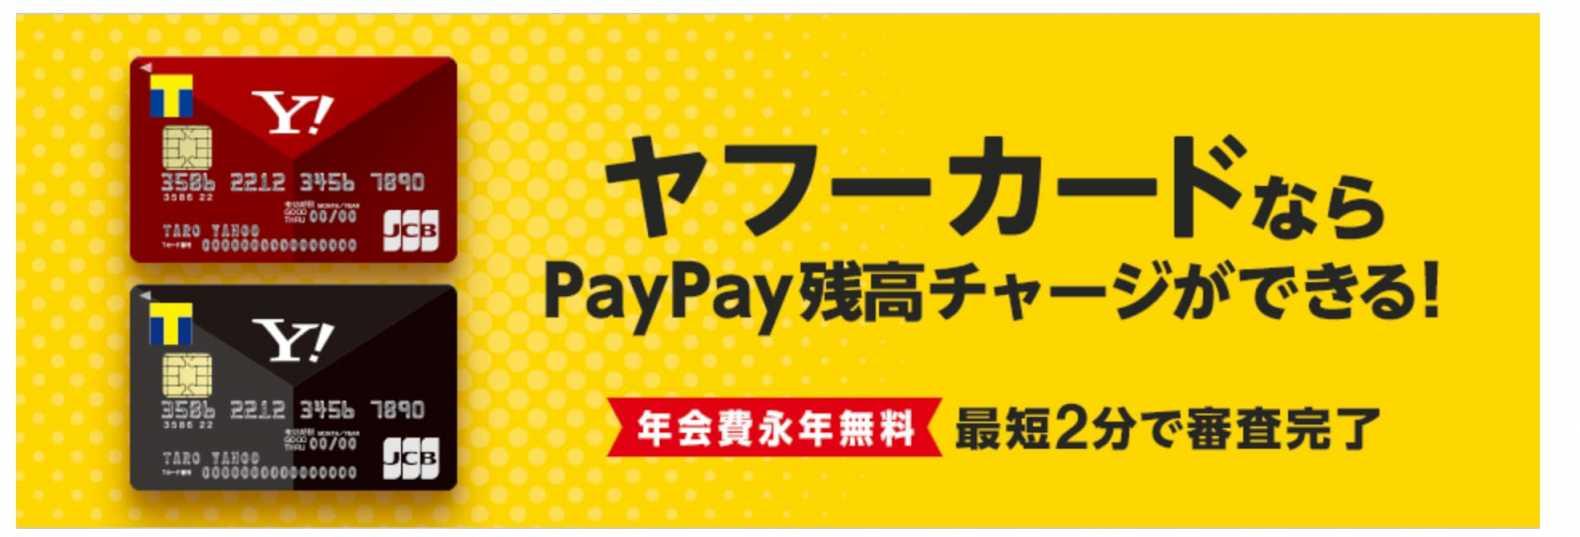 - 年会費永年無料のヤフーカード|PayPay残高チャージ対応のクレジットカード! - Yahoo!カード - card.yahoo.co.jp